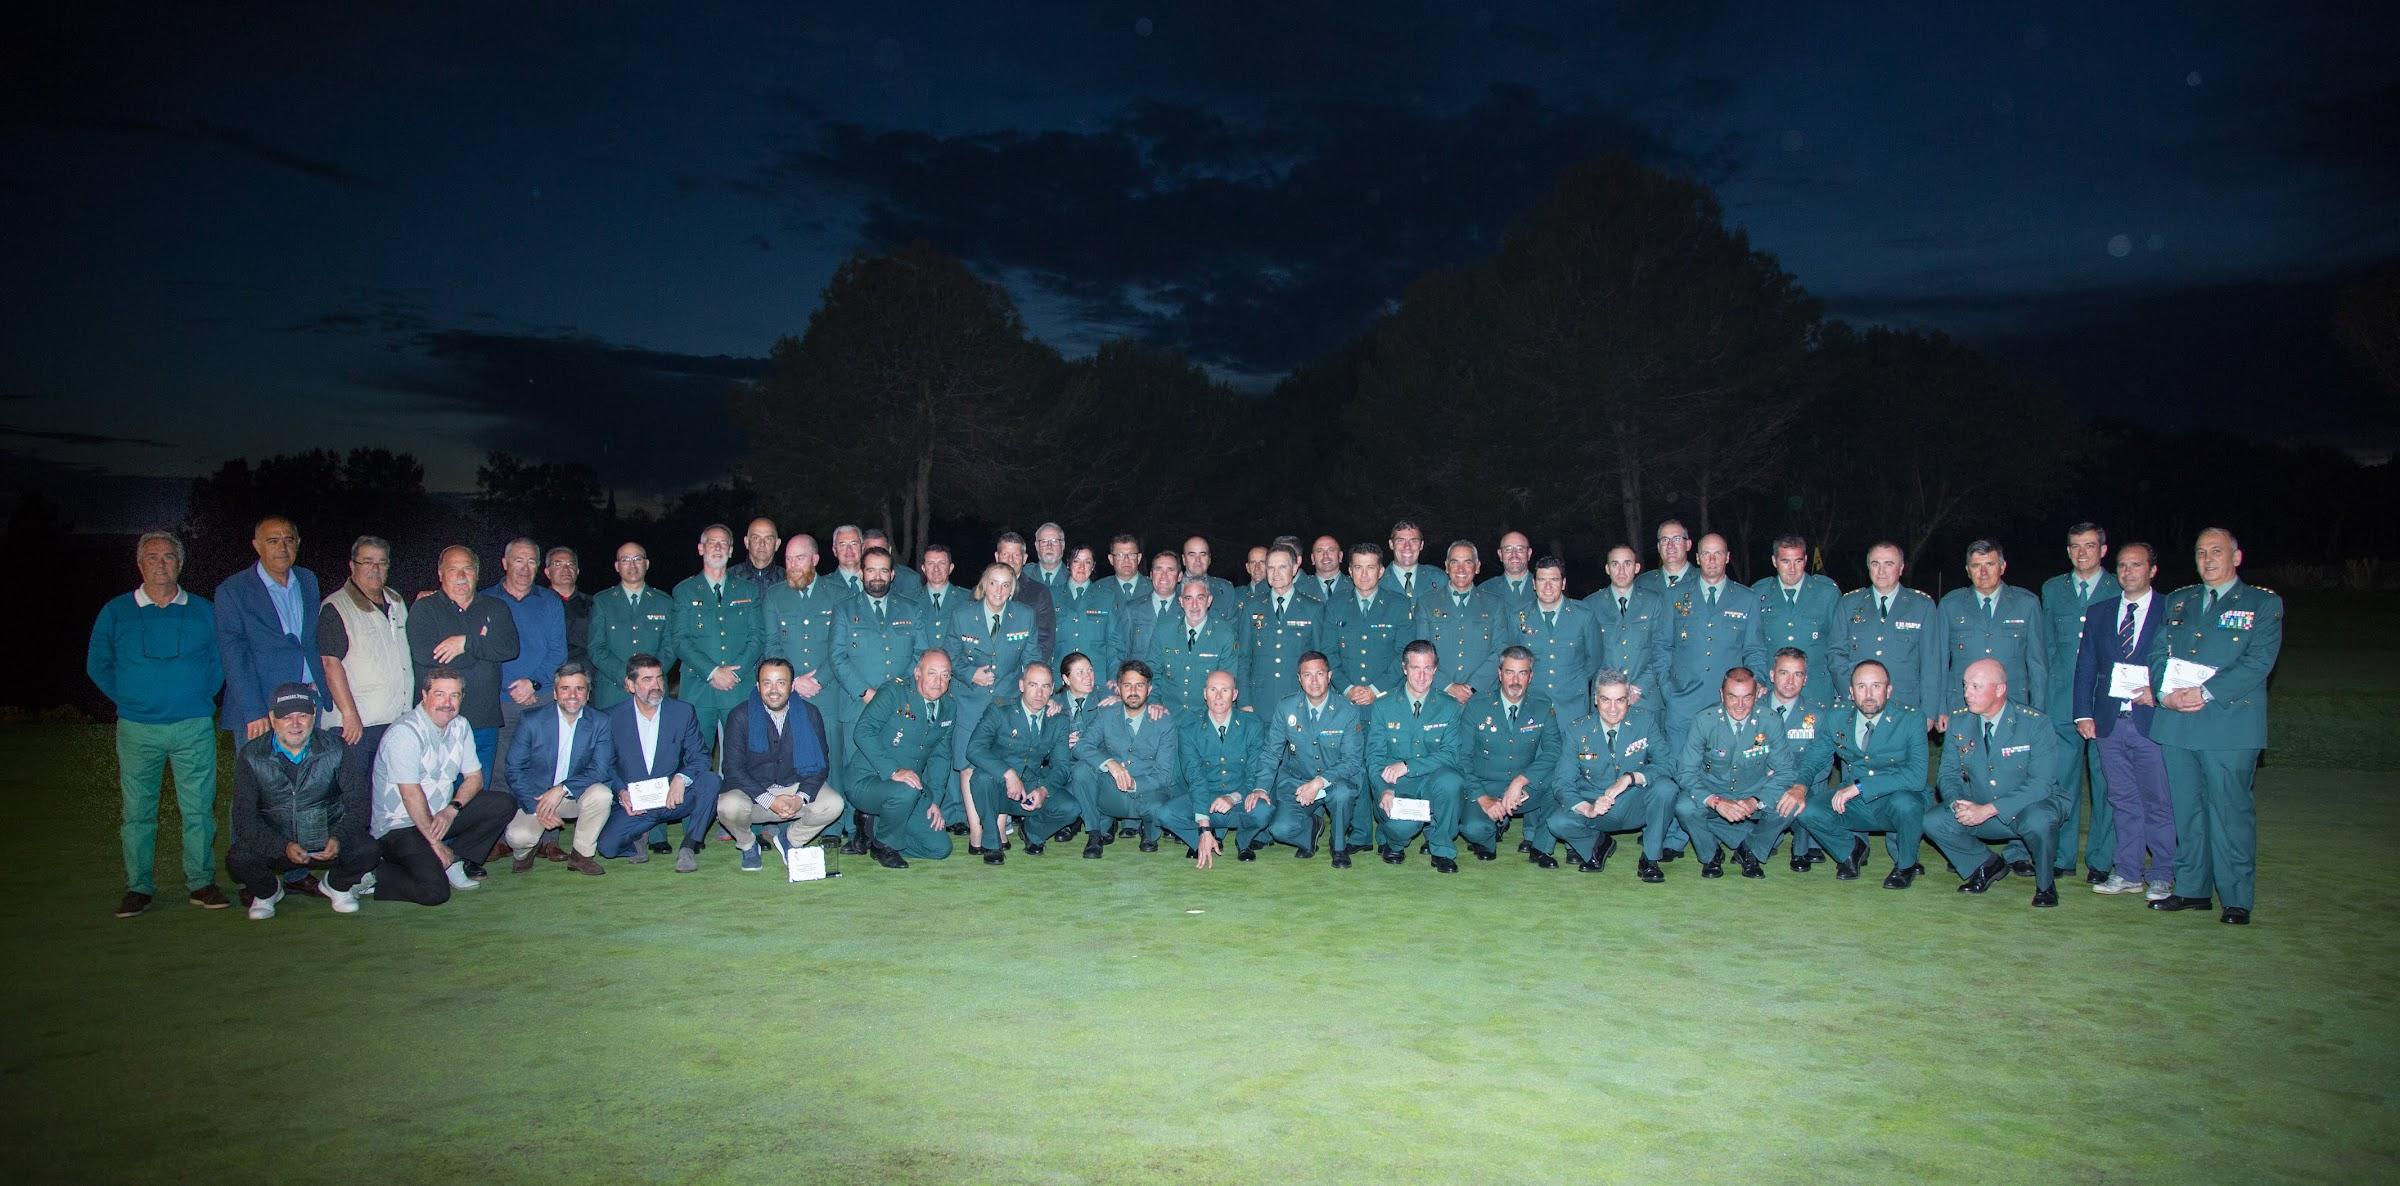 El VII Campeonato Nacional de la Guardia Civil de Golf se celebra en San Roque